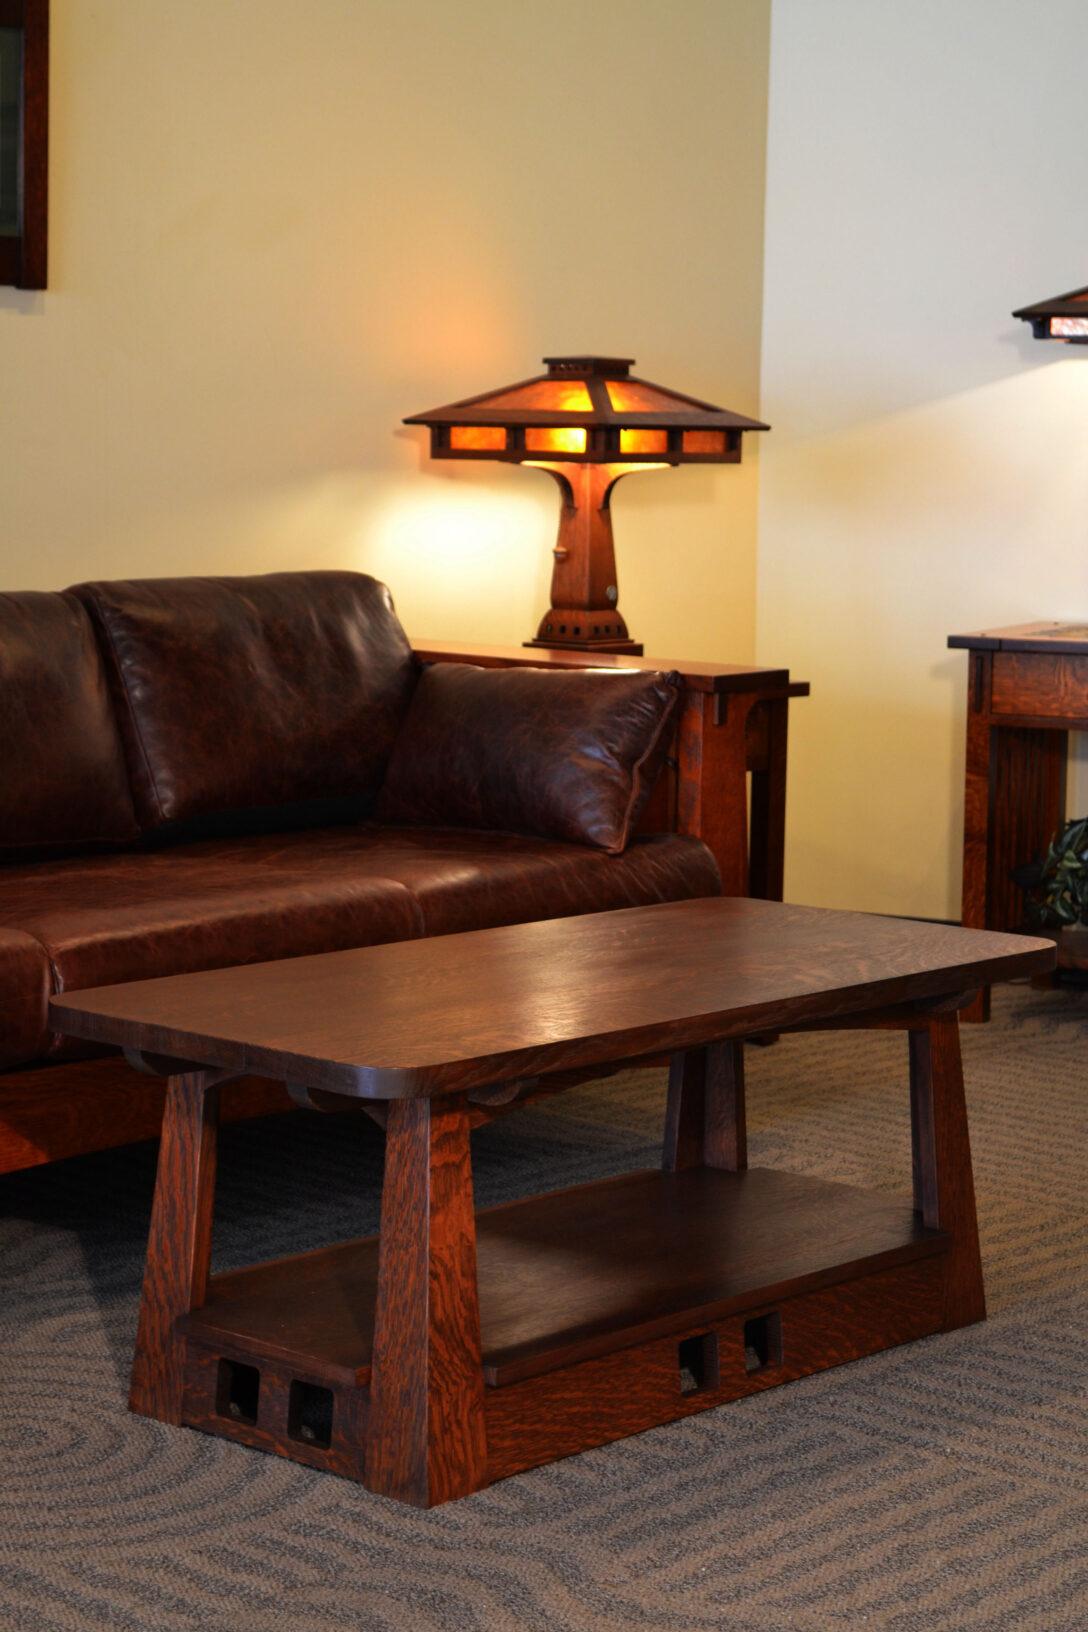 Large Size of Lampe Ber Kochinsel 11 Hip Pendant Lights That Fit Perfectly Wohnzimmer Deckenlampe Betten überlänge Gartenüberdachung überwurf Sofa Bad Lampen Led Wohnzimmer Lampe über Kochinsel